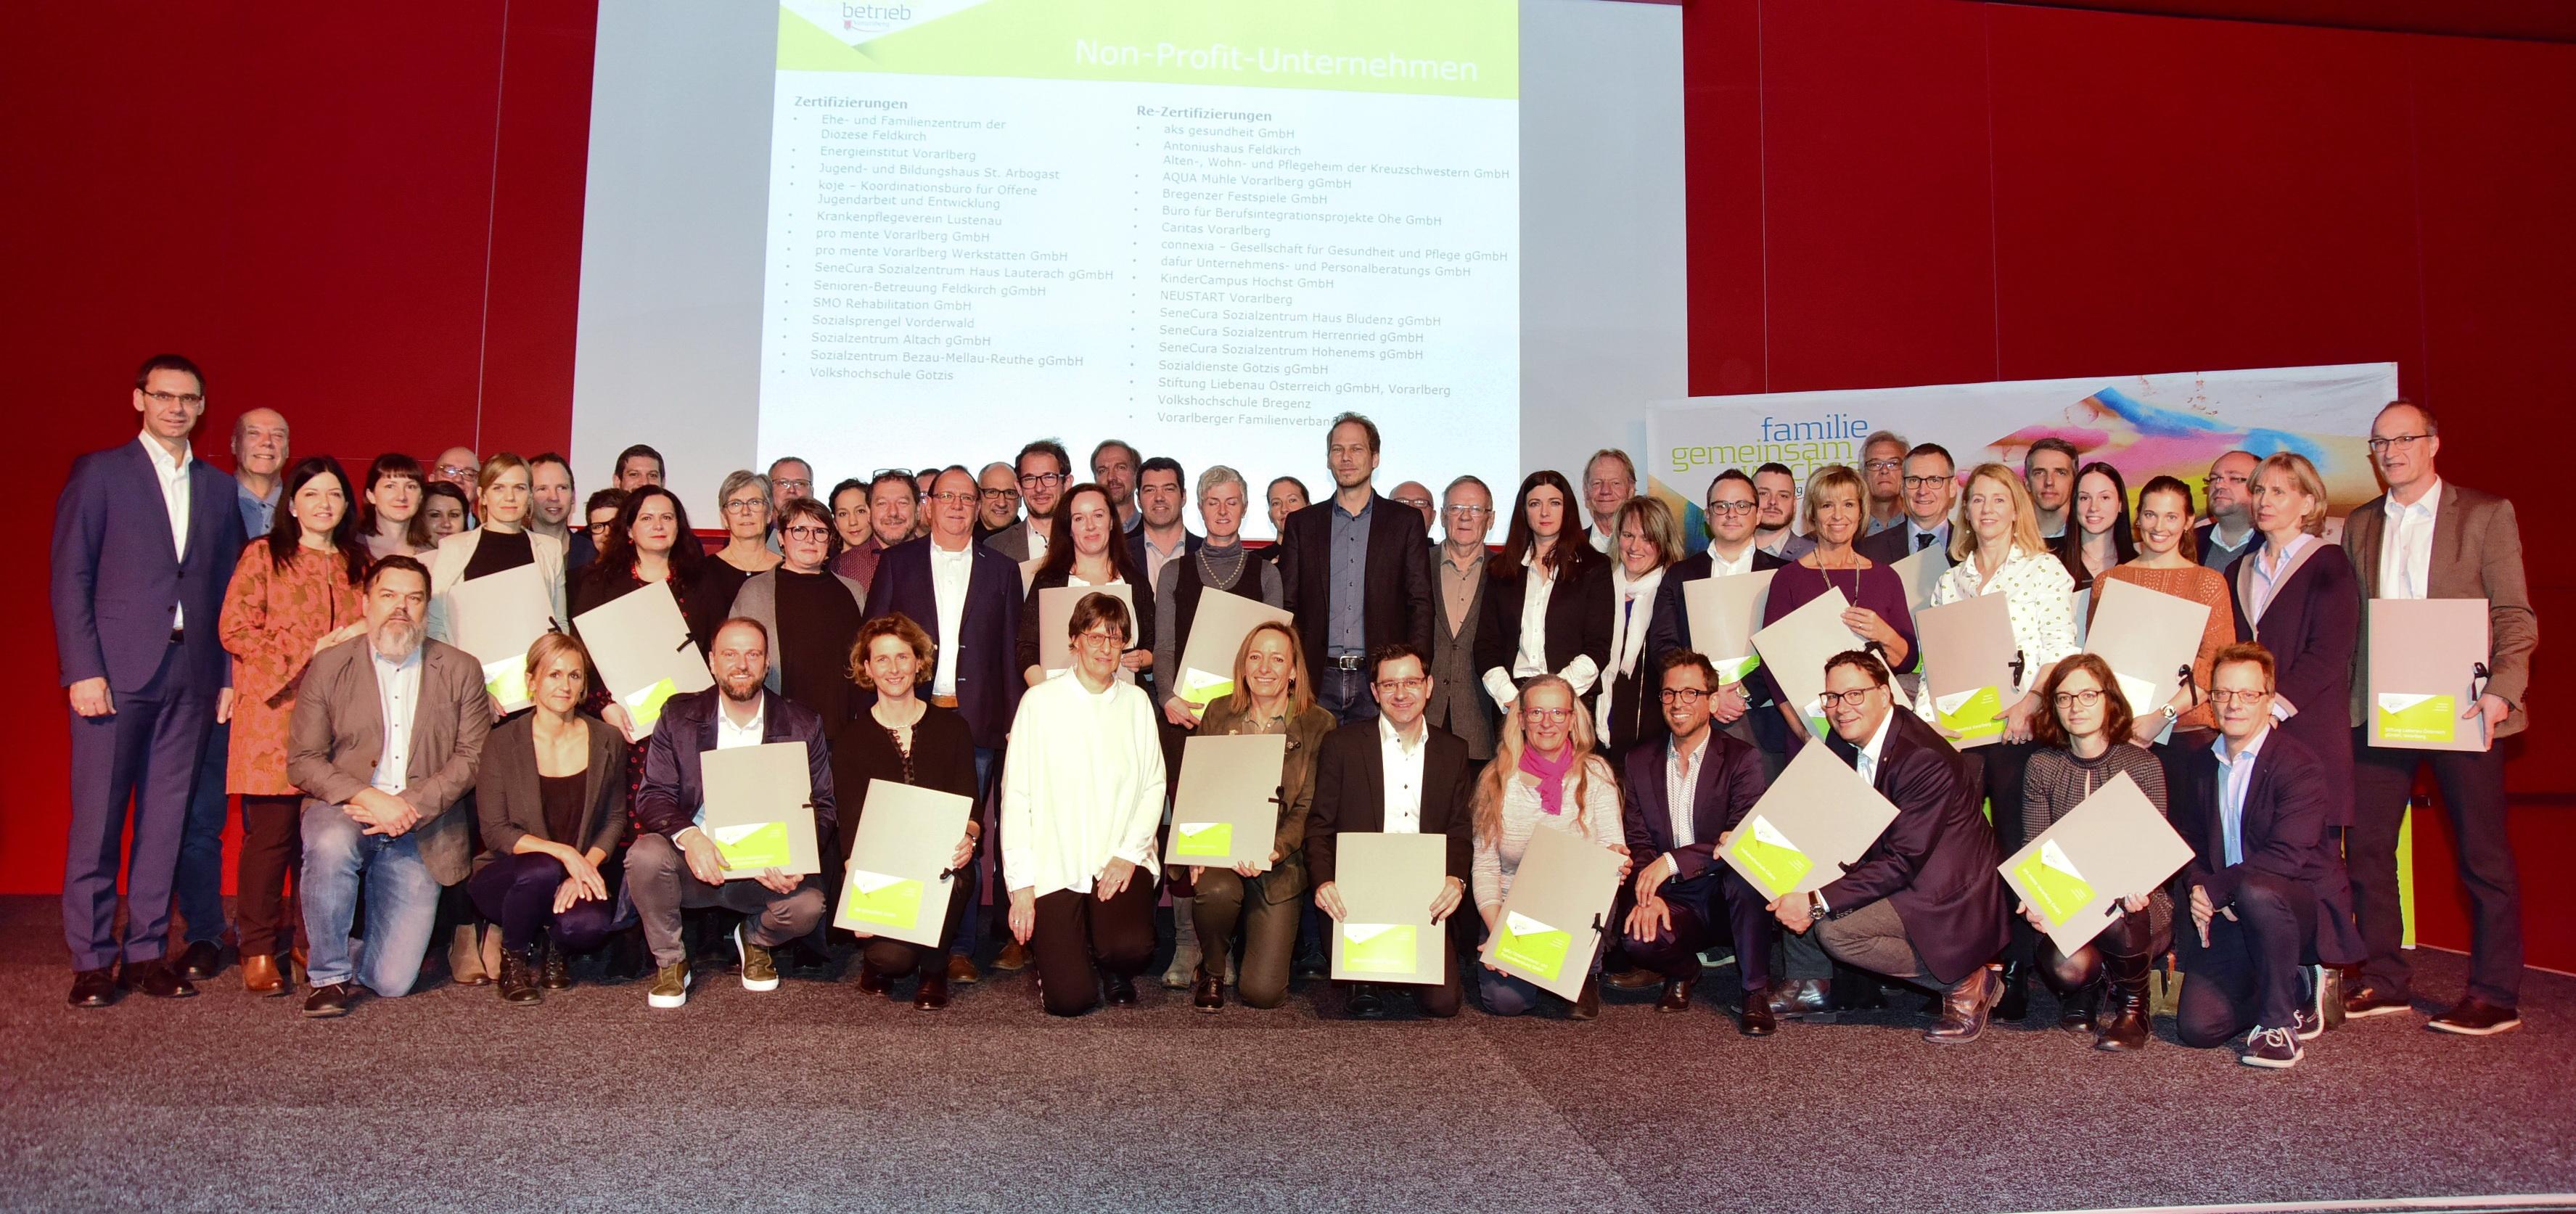 Auszeichnung familienfreundlicher Betrieb 2020-21